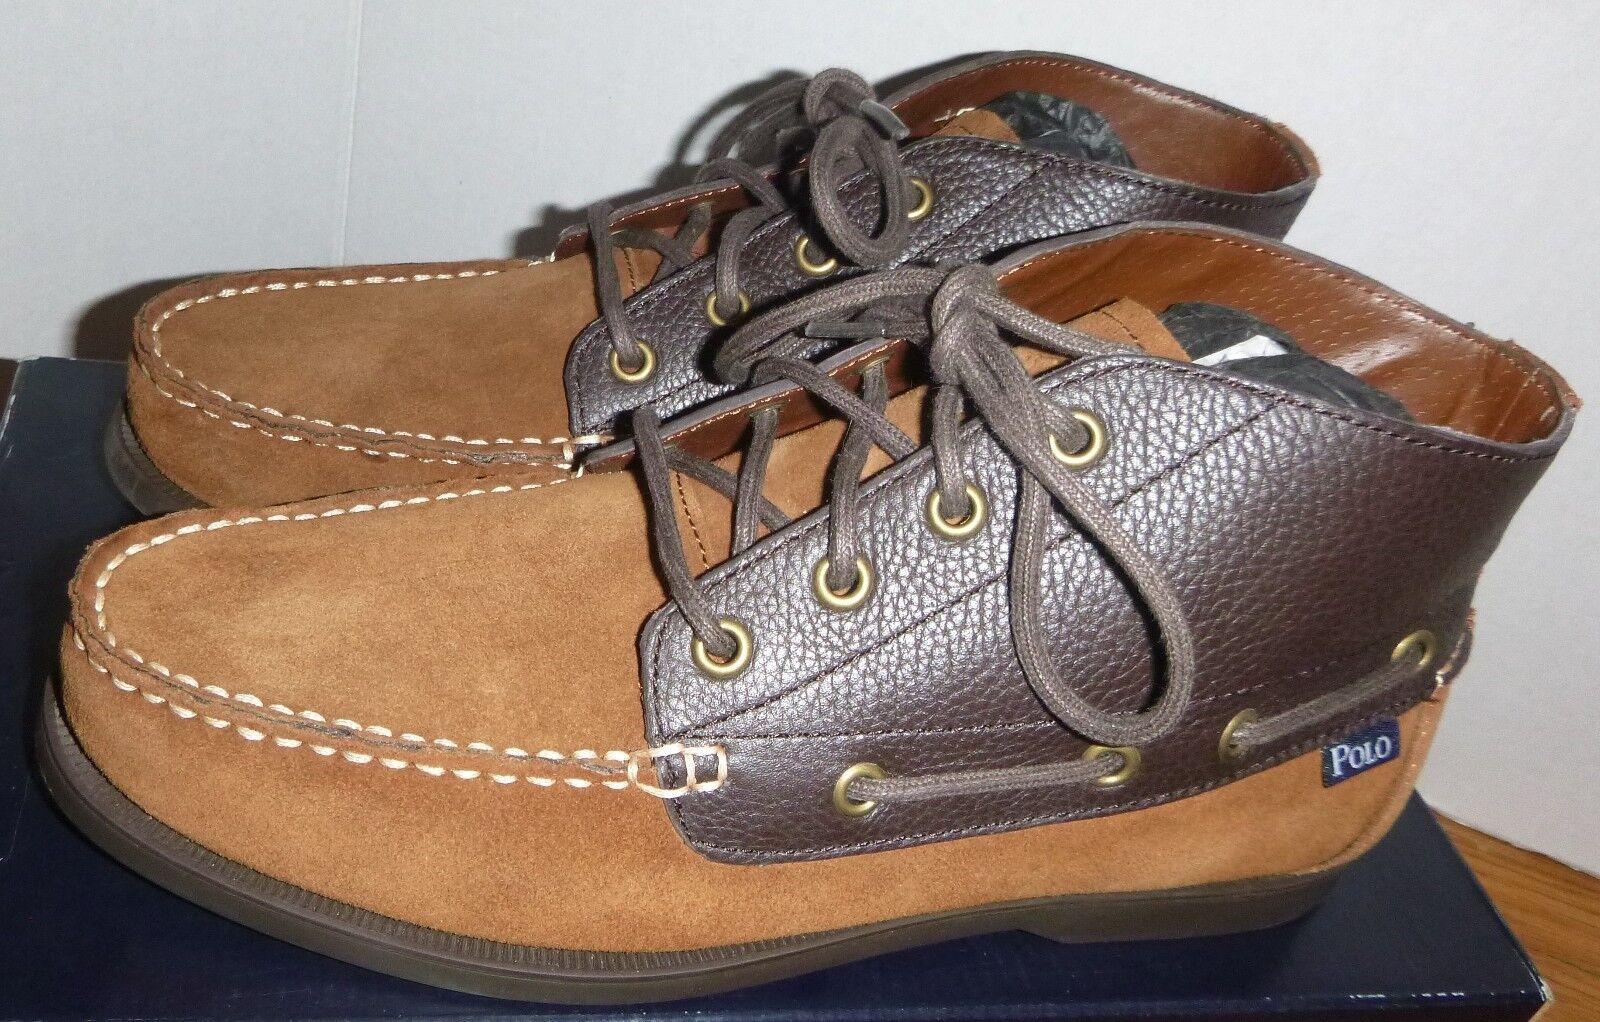 RARE 2015 Polo uomo Ralph Lauren  Barx Chukka 2 -Tone 4eye Ankle stivali Dimensione 8  acquista la qualità autentica al 100%